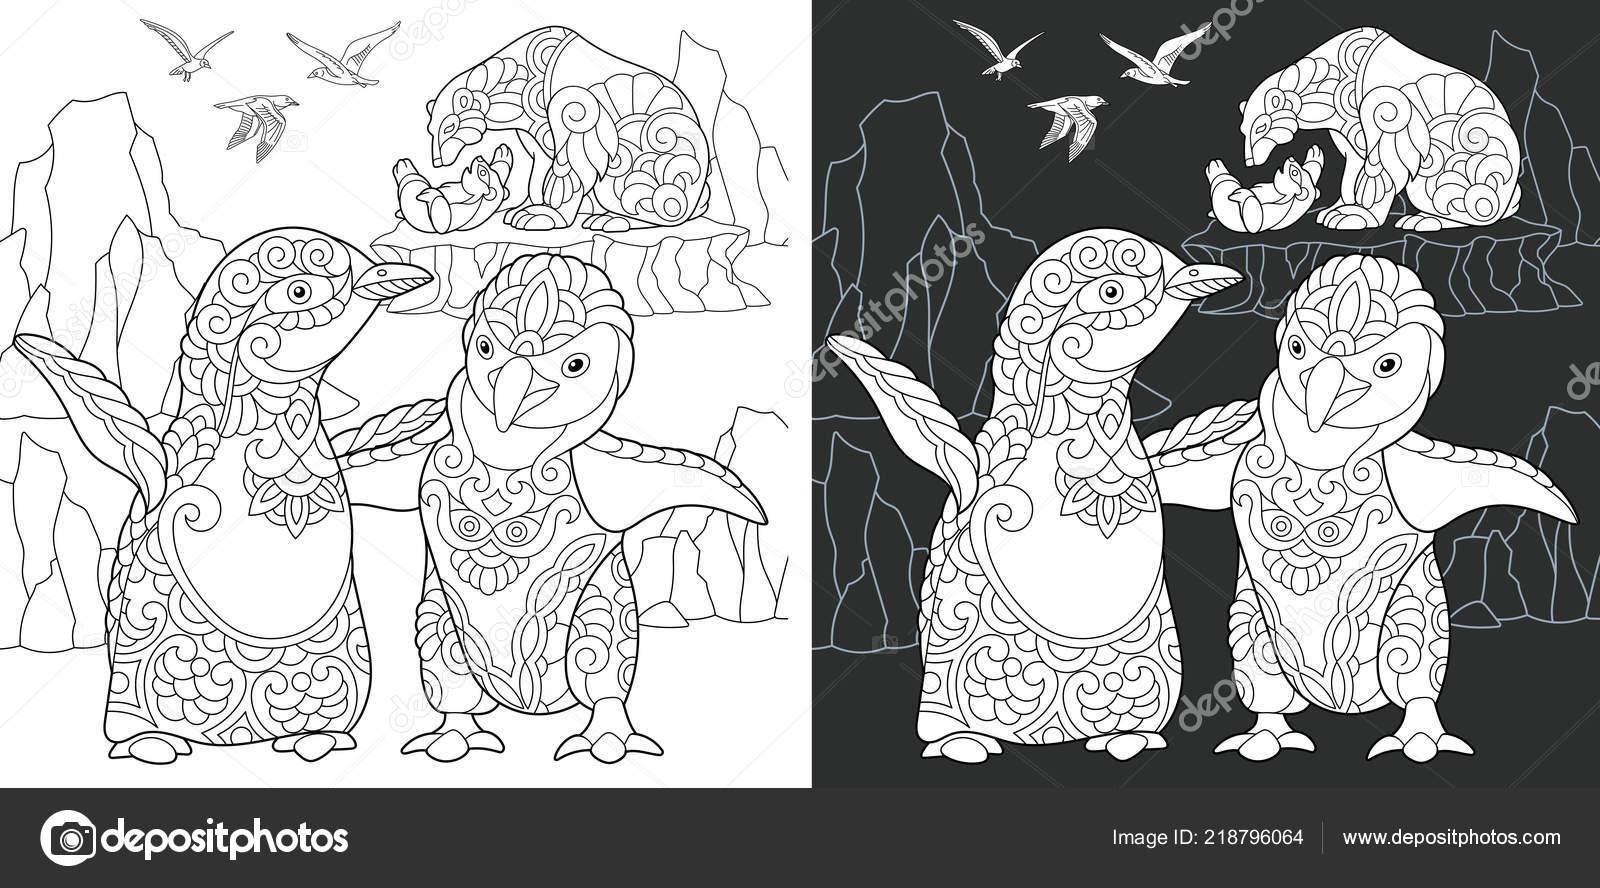 Penguen Boyama Sayfası Boyama Kitabı Kutup Hayvanlarla Zentangle